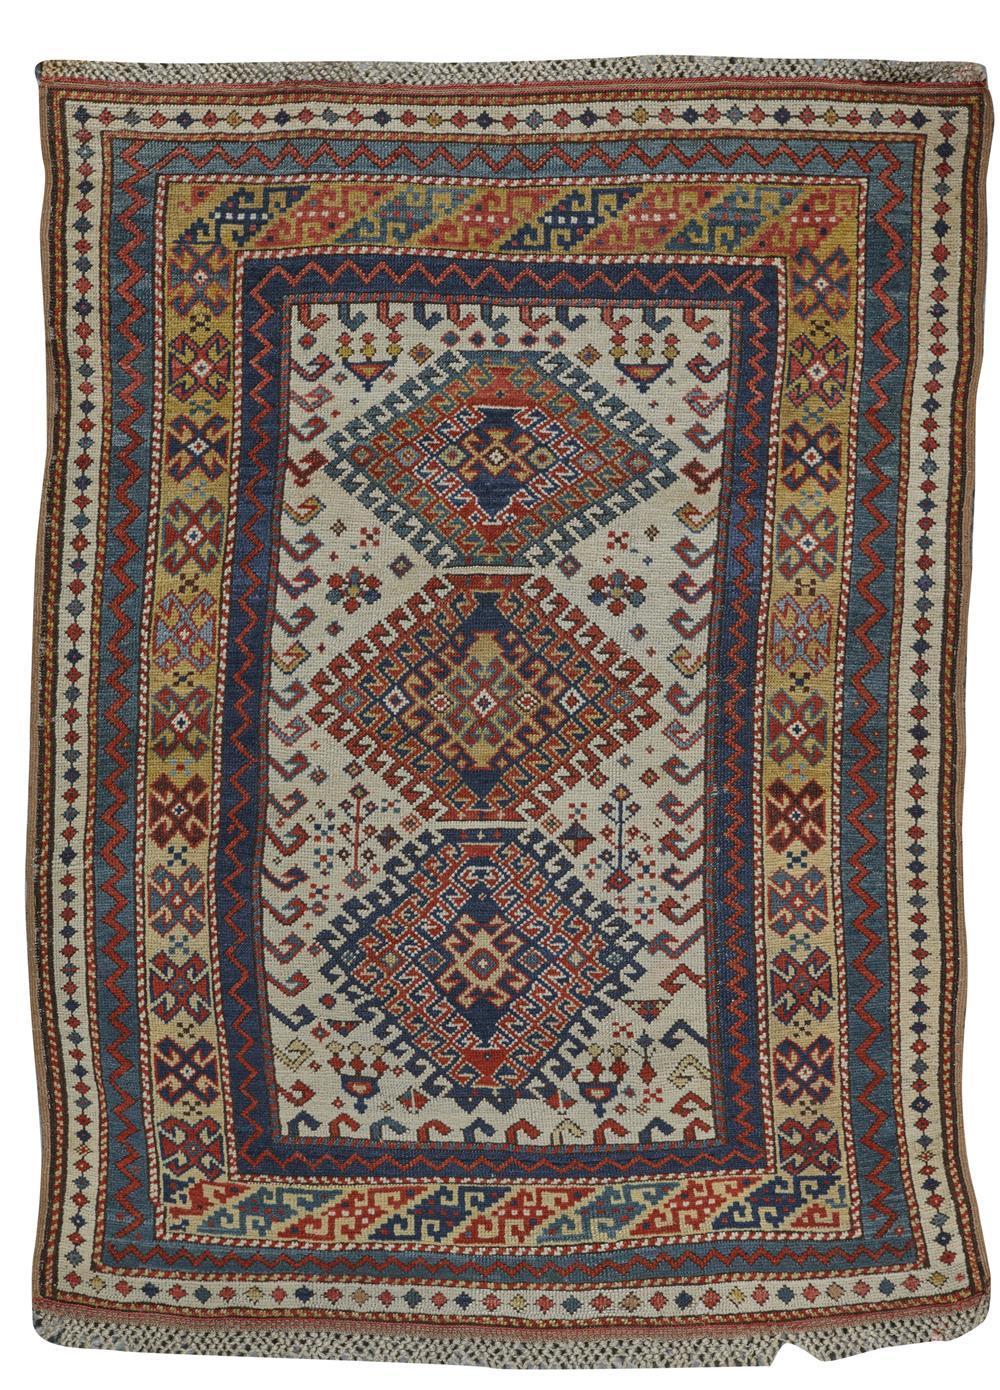 Kazak Rug, Caucasus, last quarter 19th century; 5 ft. 2 in. x 4 ft.